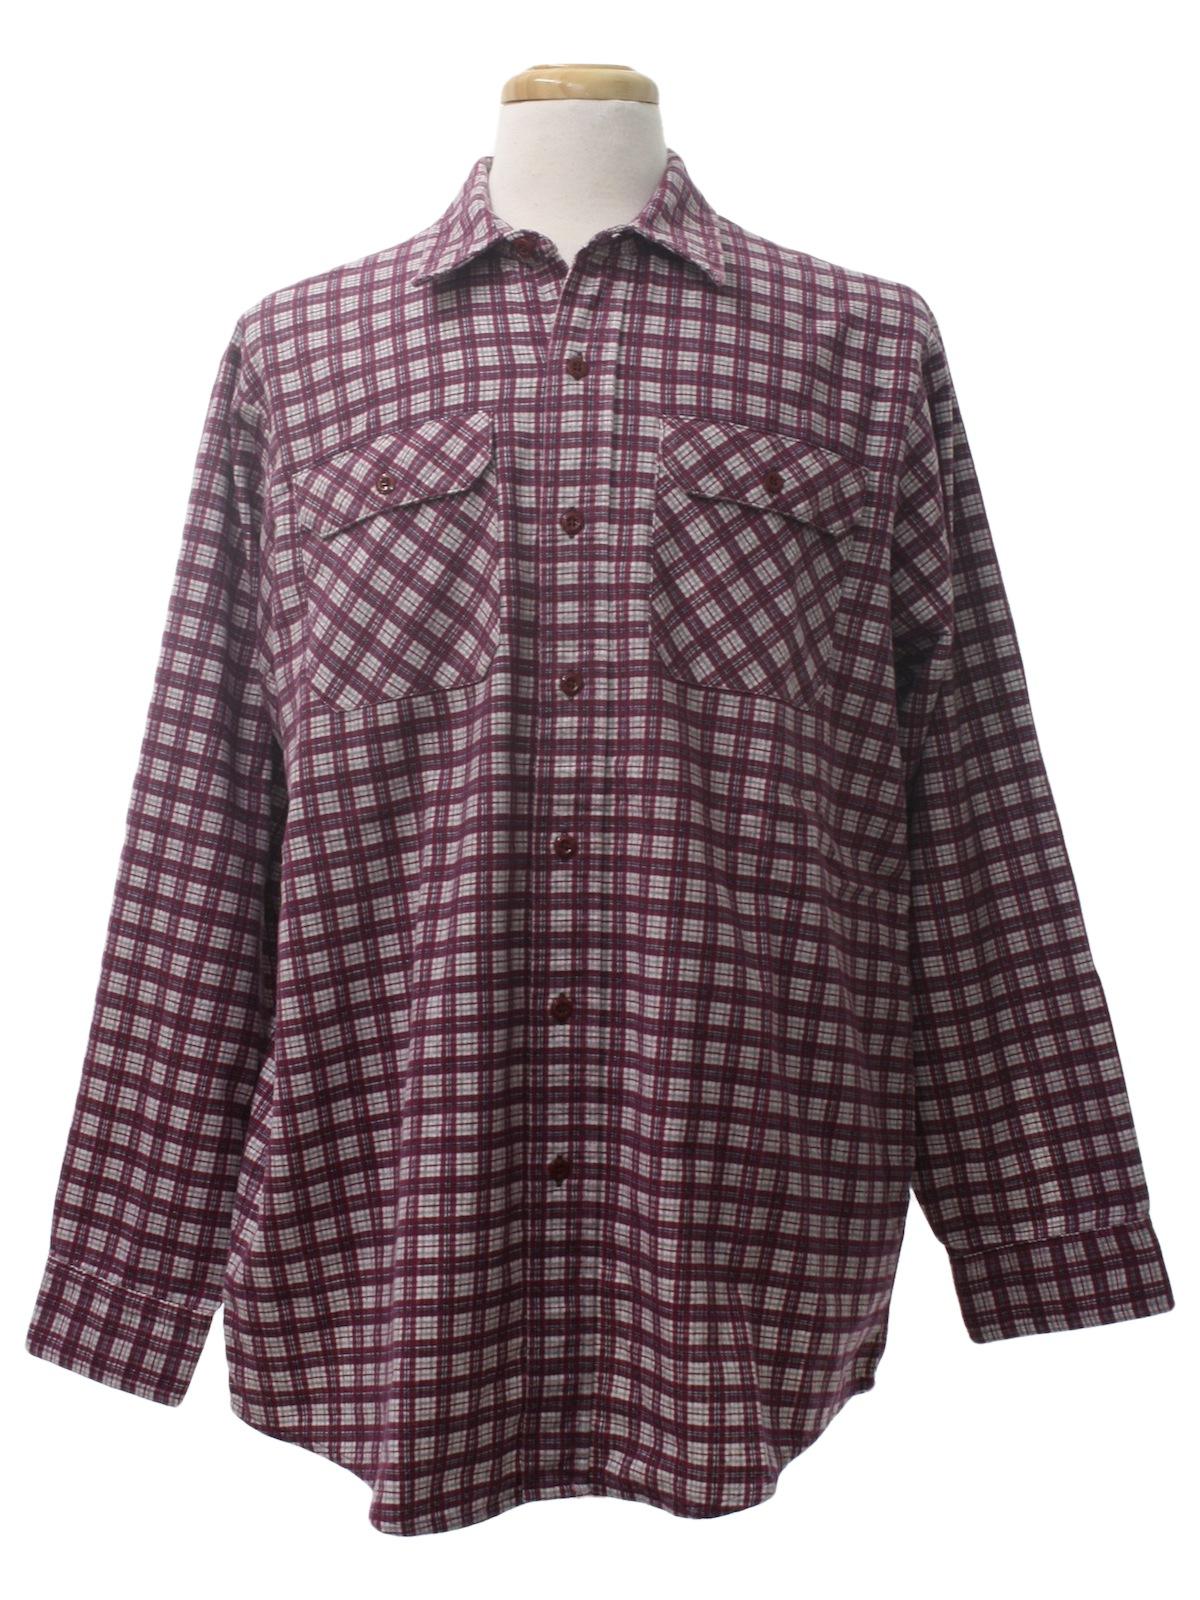 90s Vintage David Taylor Shirt 90s David Taylor Mens